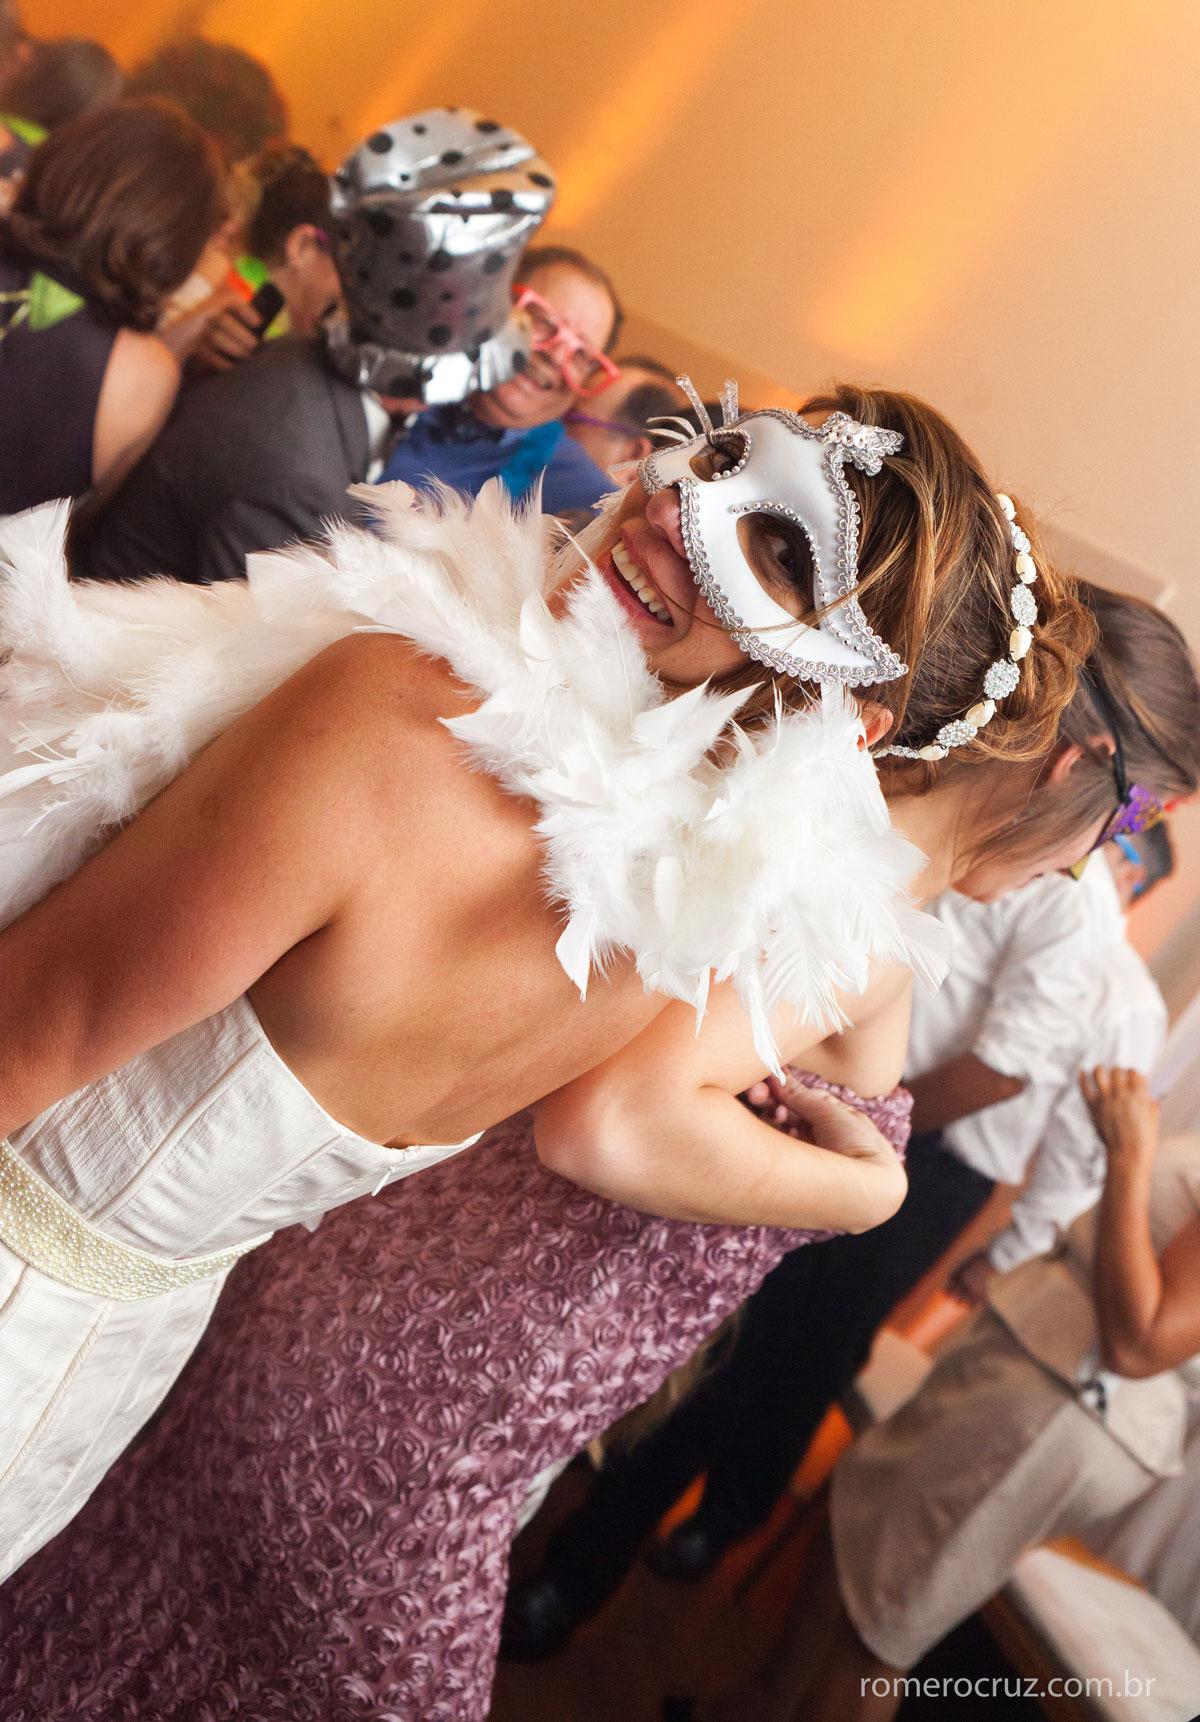 Festa de casamento dos noivos Monica e Carla, nessa foto a felicidade registrada por Romero Cruz